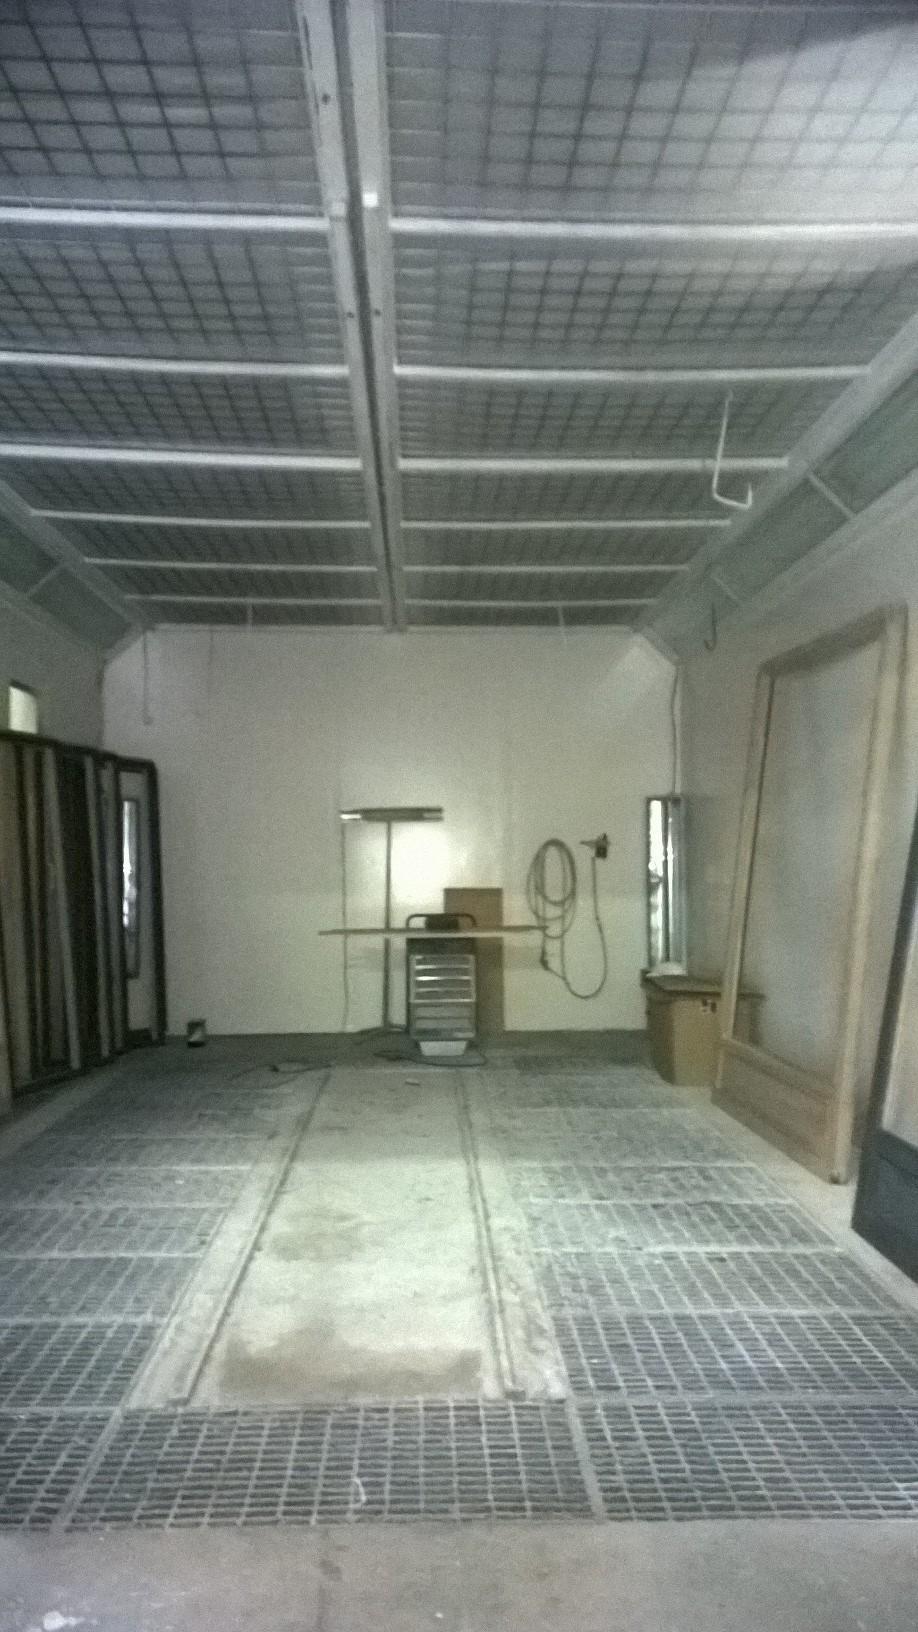 cabine de peinture weinmann standox machines d 39 occasion. Black Bedroom Furniture Sets. Home Design Ideas